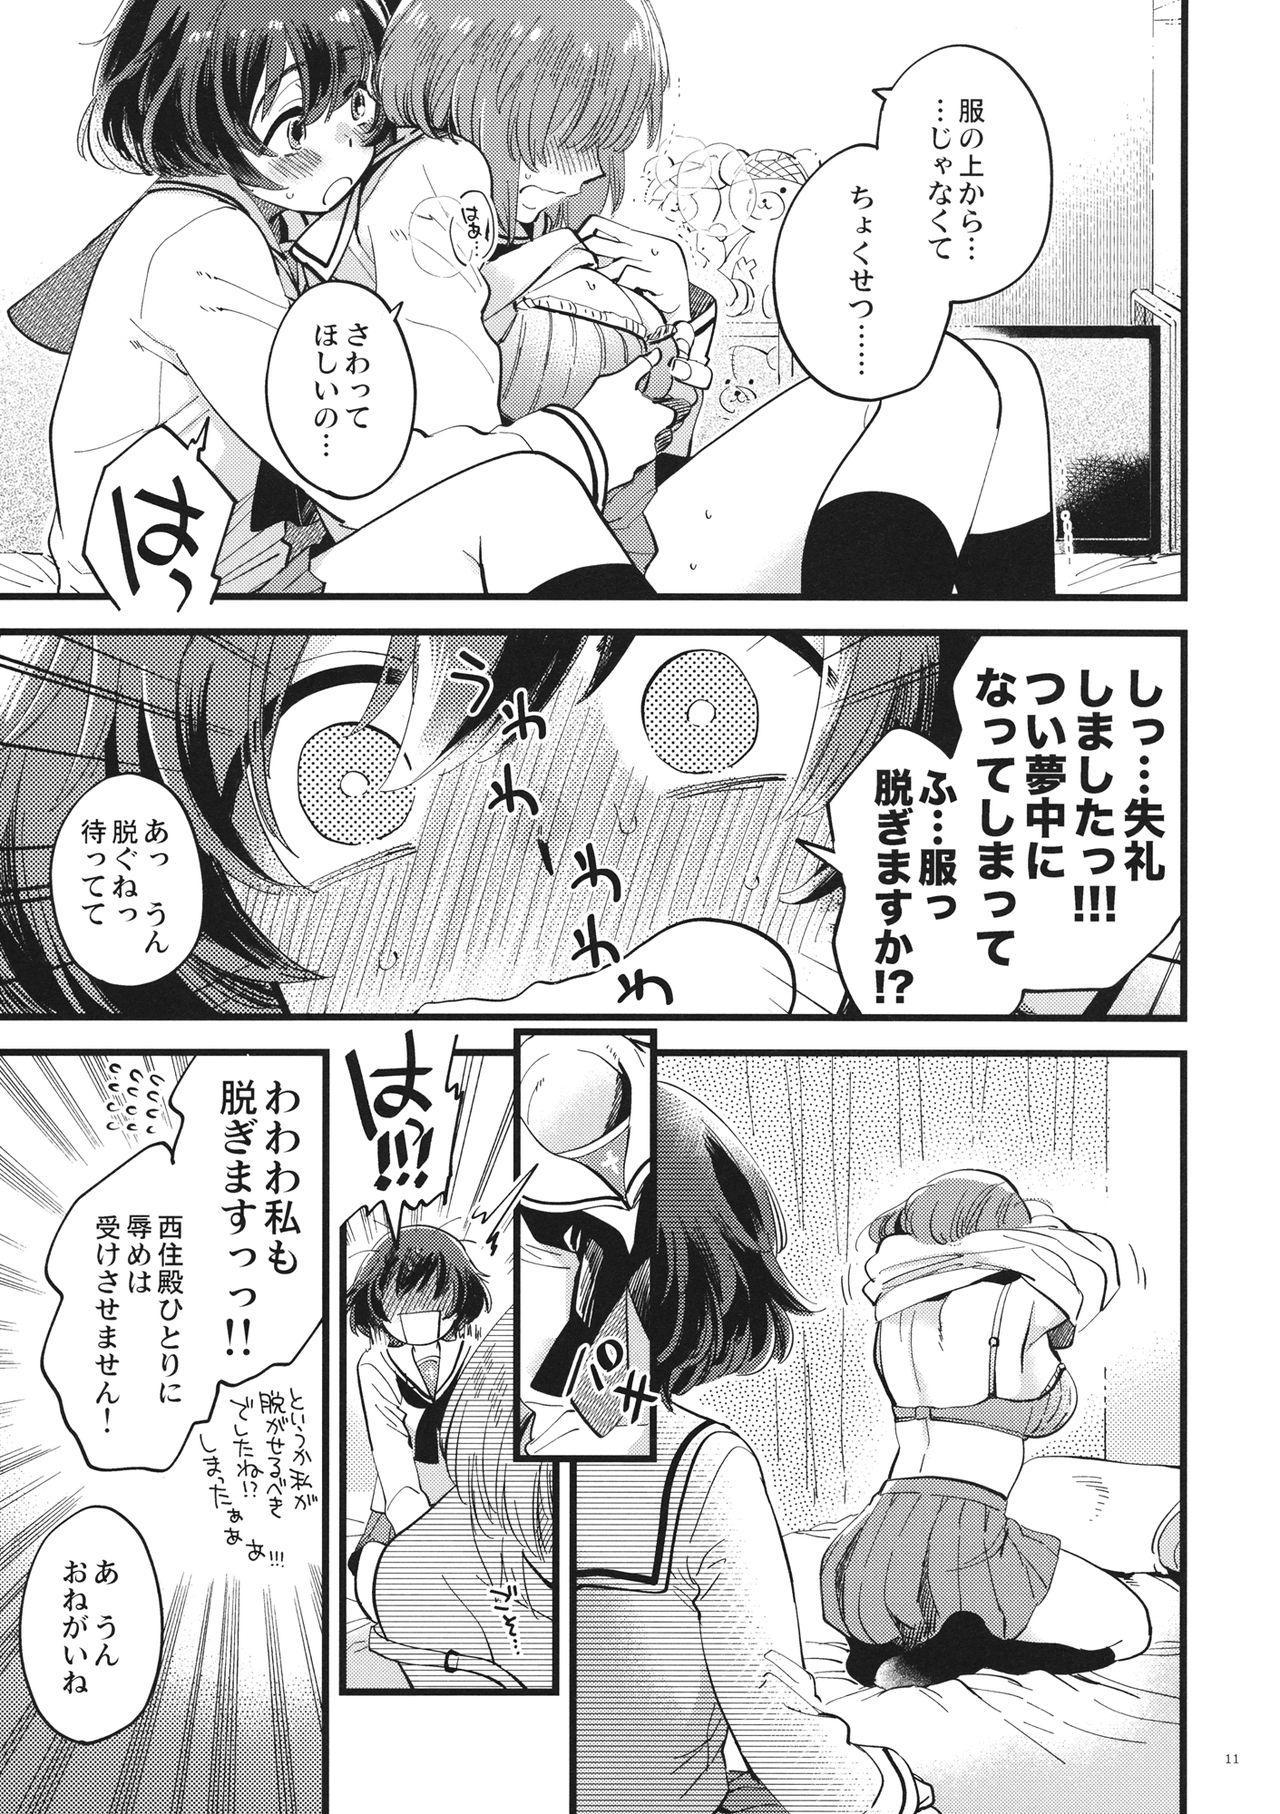 Yasashiku, Sawatte, Oku made Furete. 9